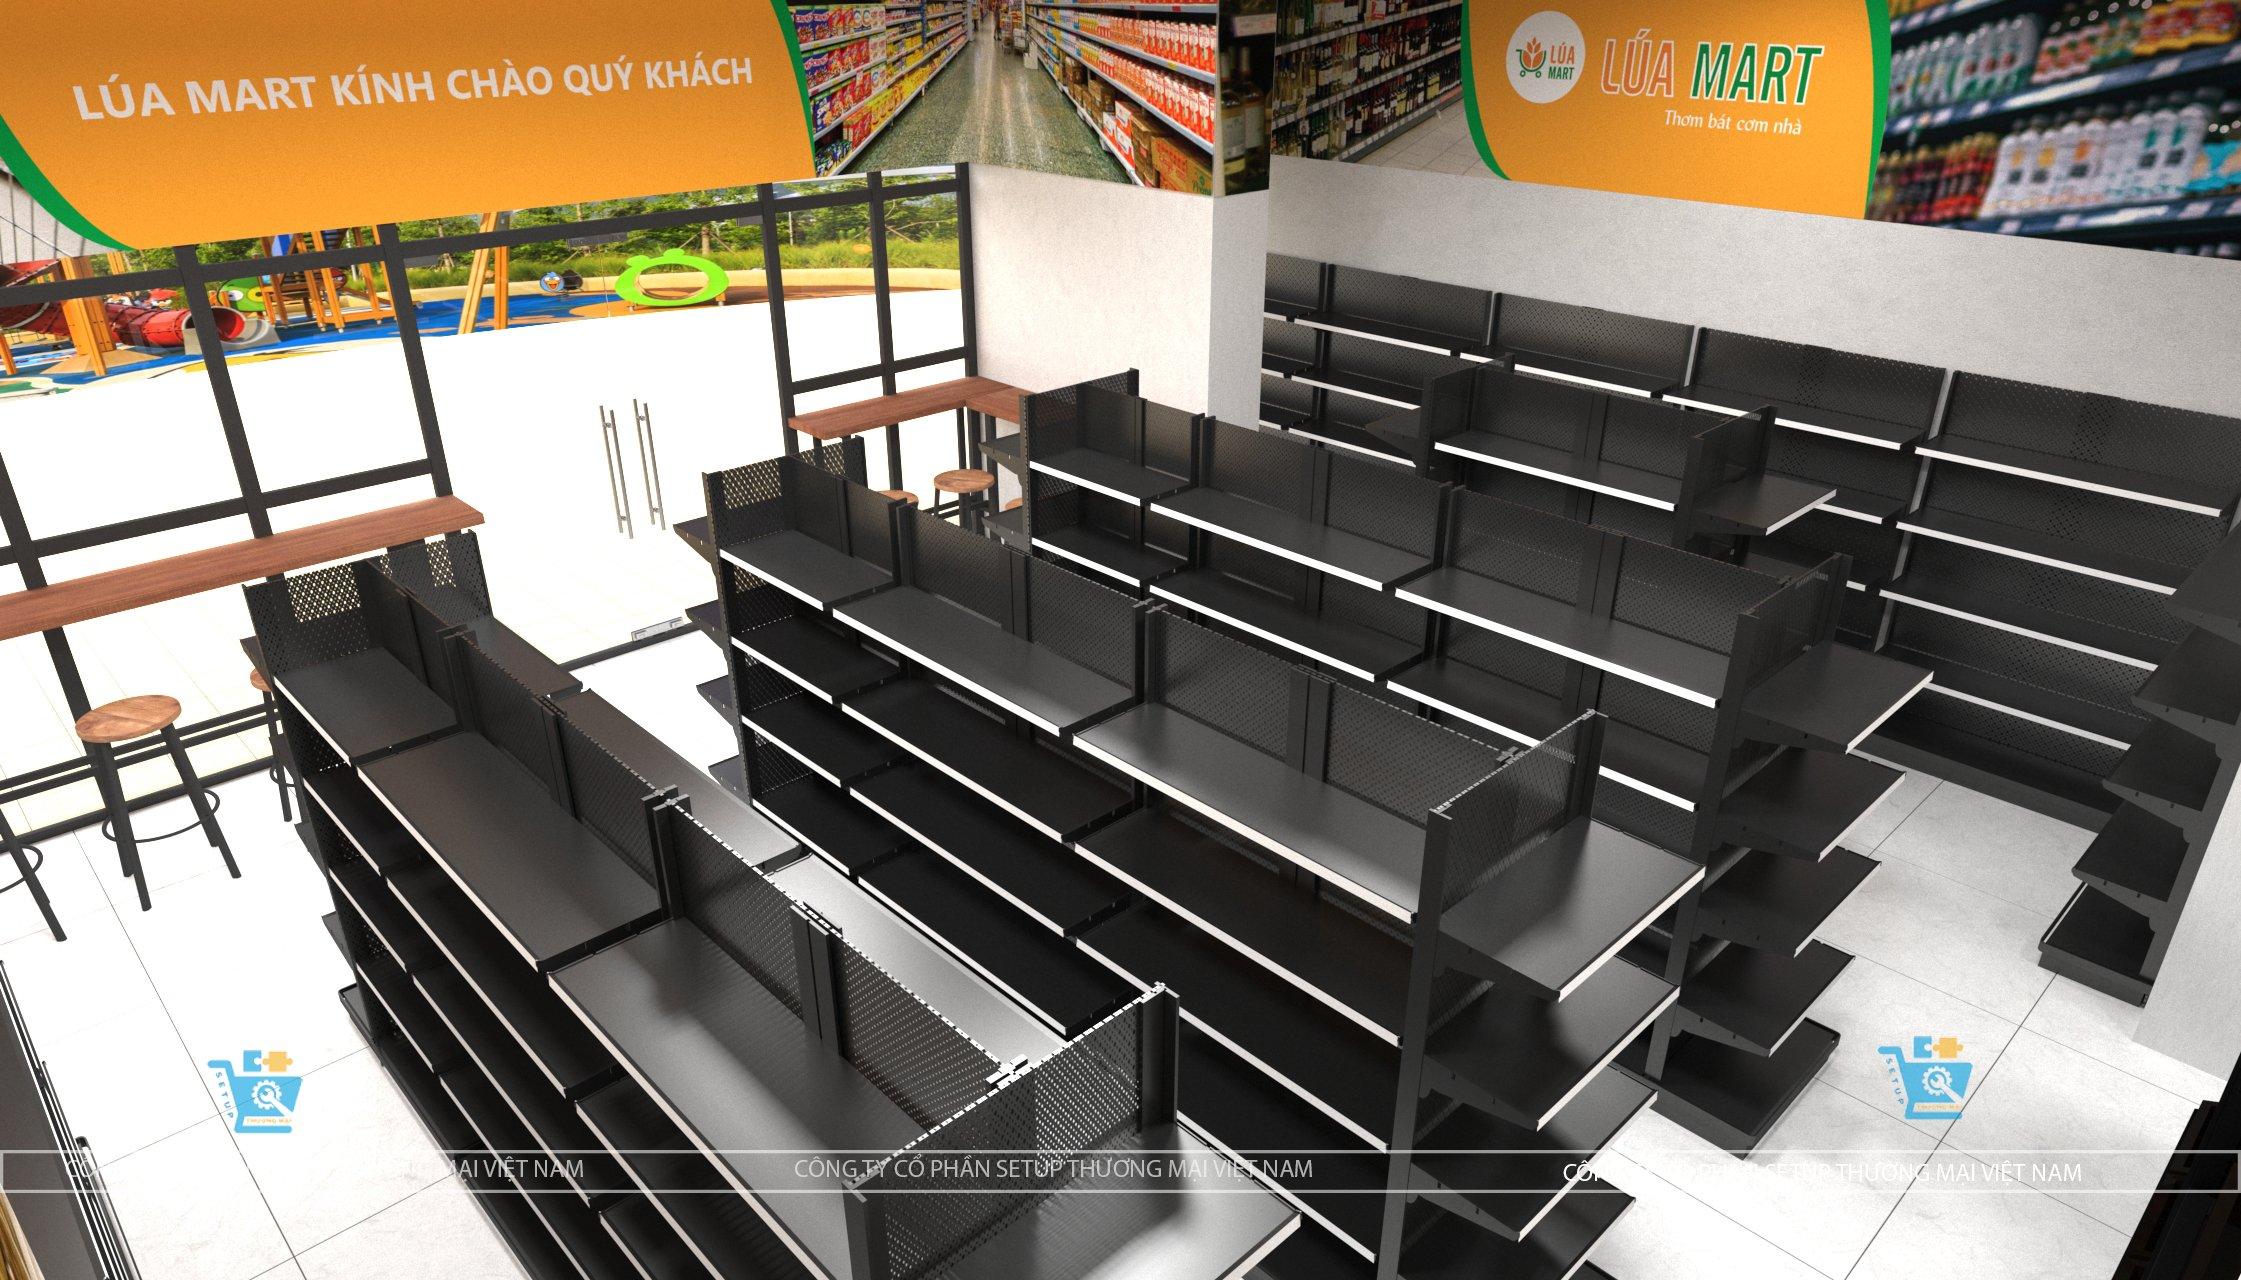 Thiết kế siêu thị lúa mart tại Hà Đông